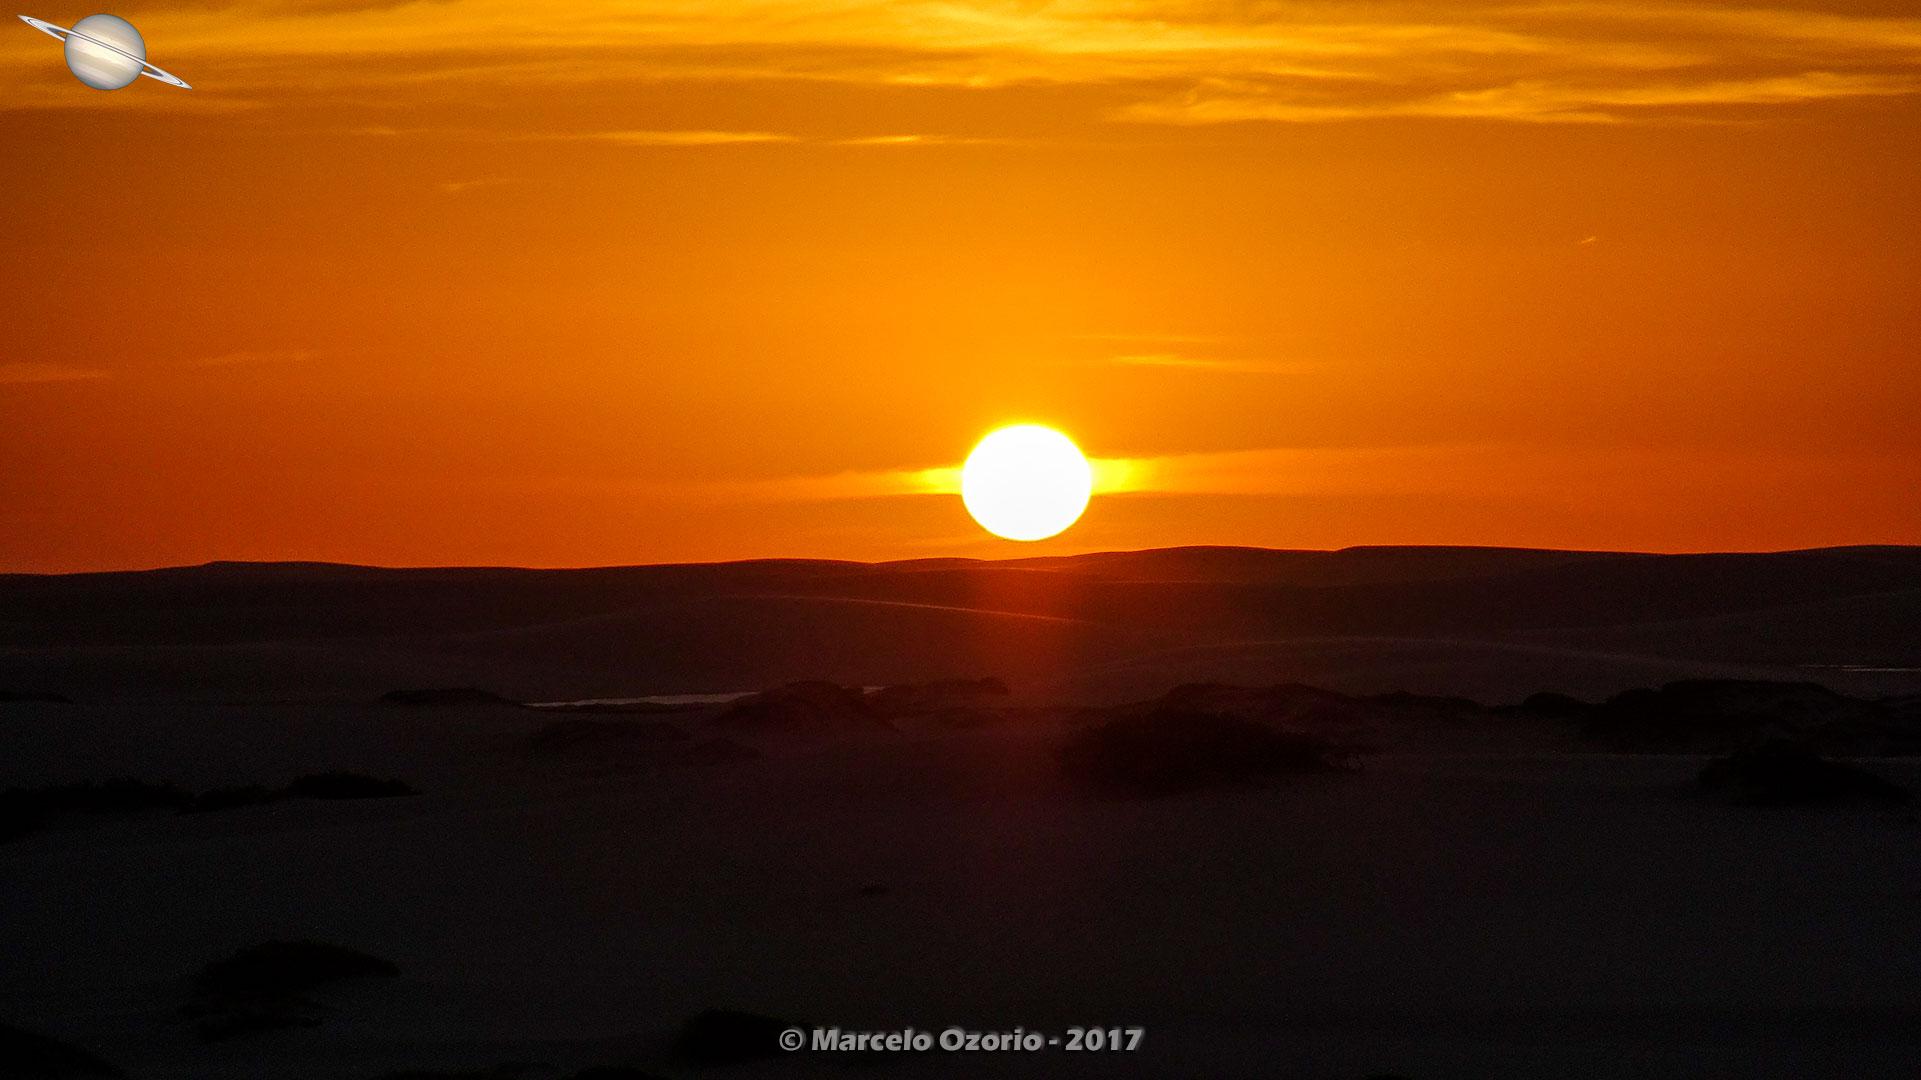 dia 3 explorando lencois maranhenses 62 - Explorando o Centro do Parque Nacional dos Lençóis Maranhenses - Brasil